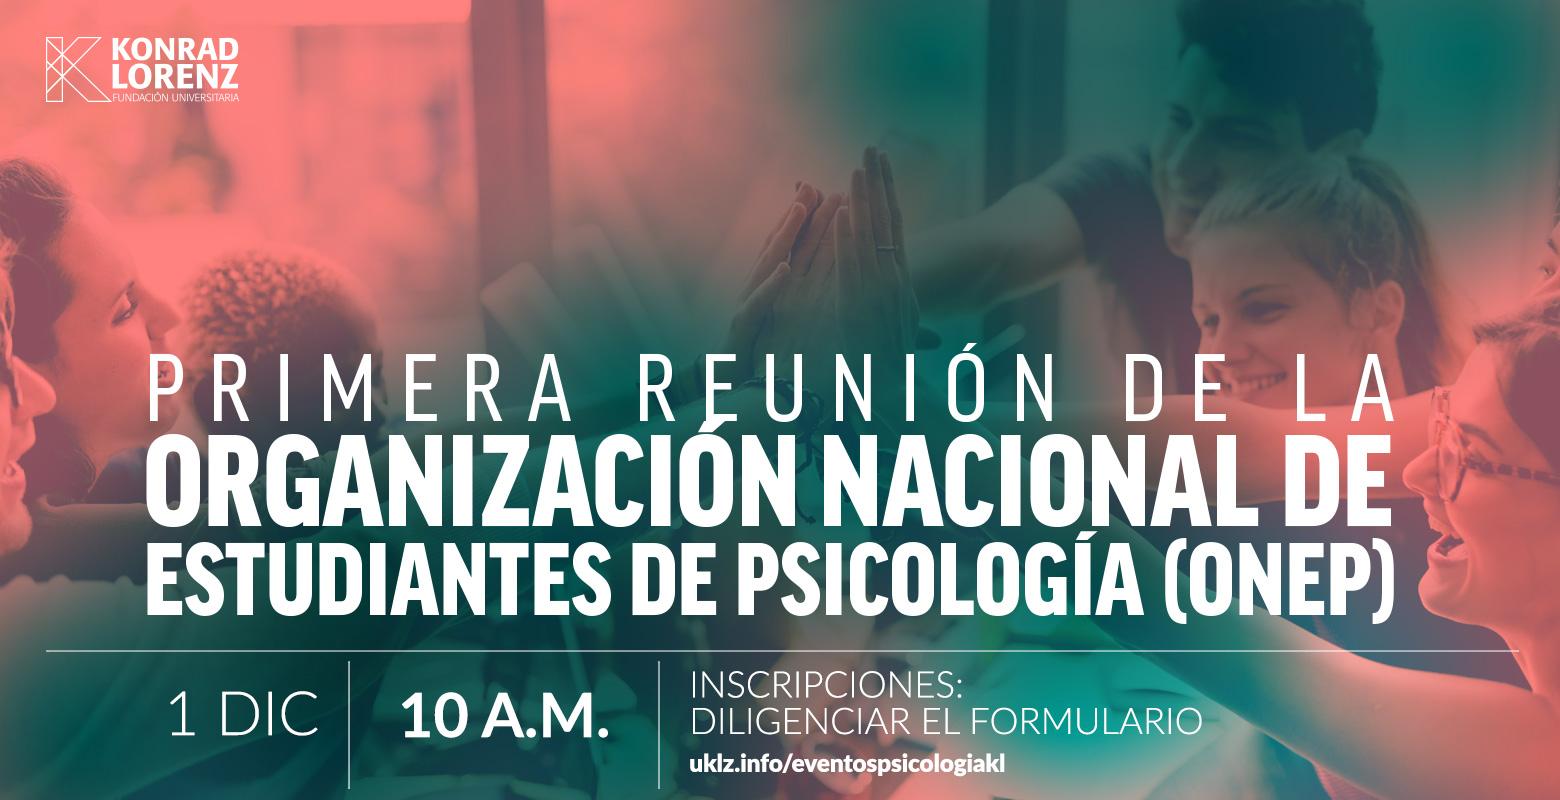 Primera reunión de la Organización Nacional de Estudiantes de Psicología (ONEP)